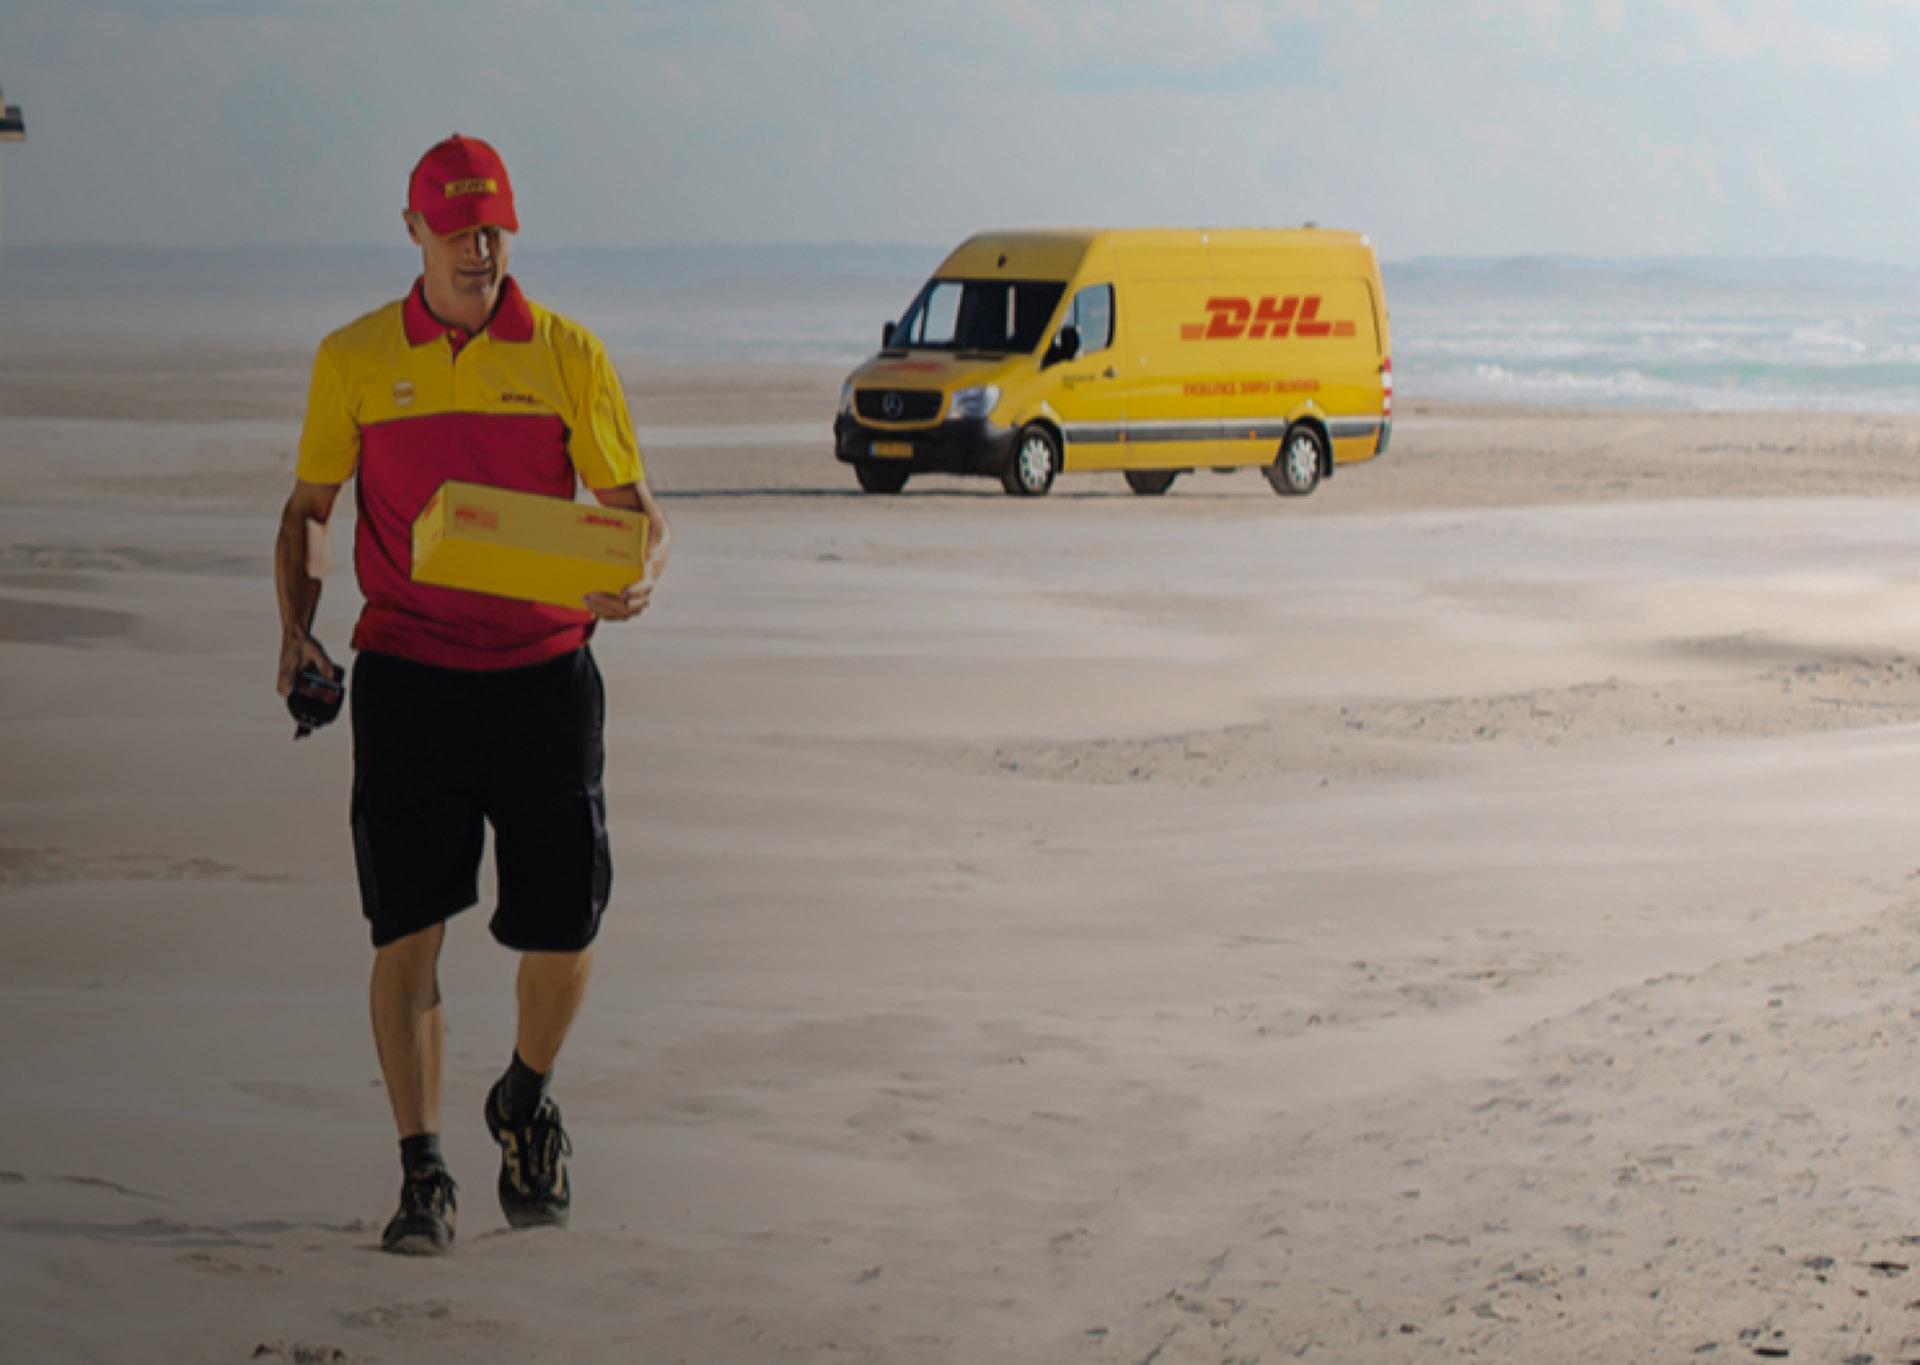 DHL-el-valor-de-la-entrega